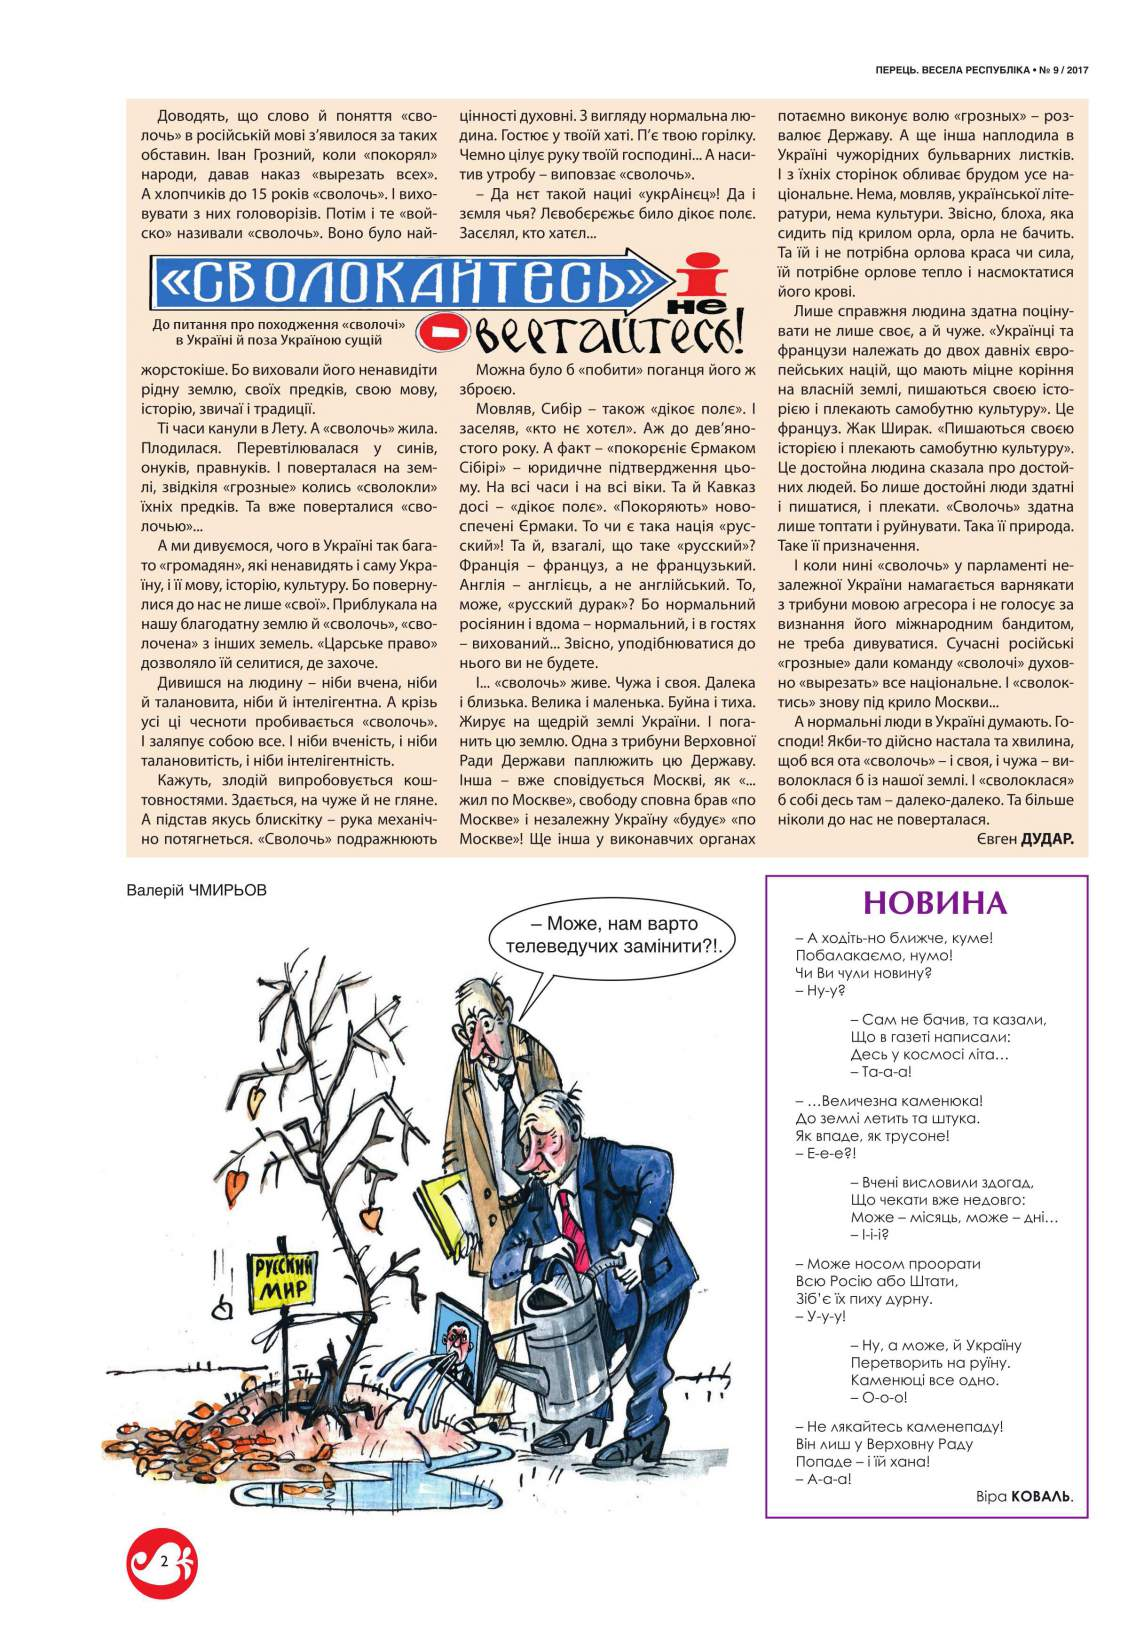 Журнал перець 2017 №09